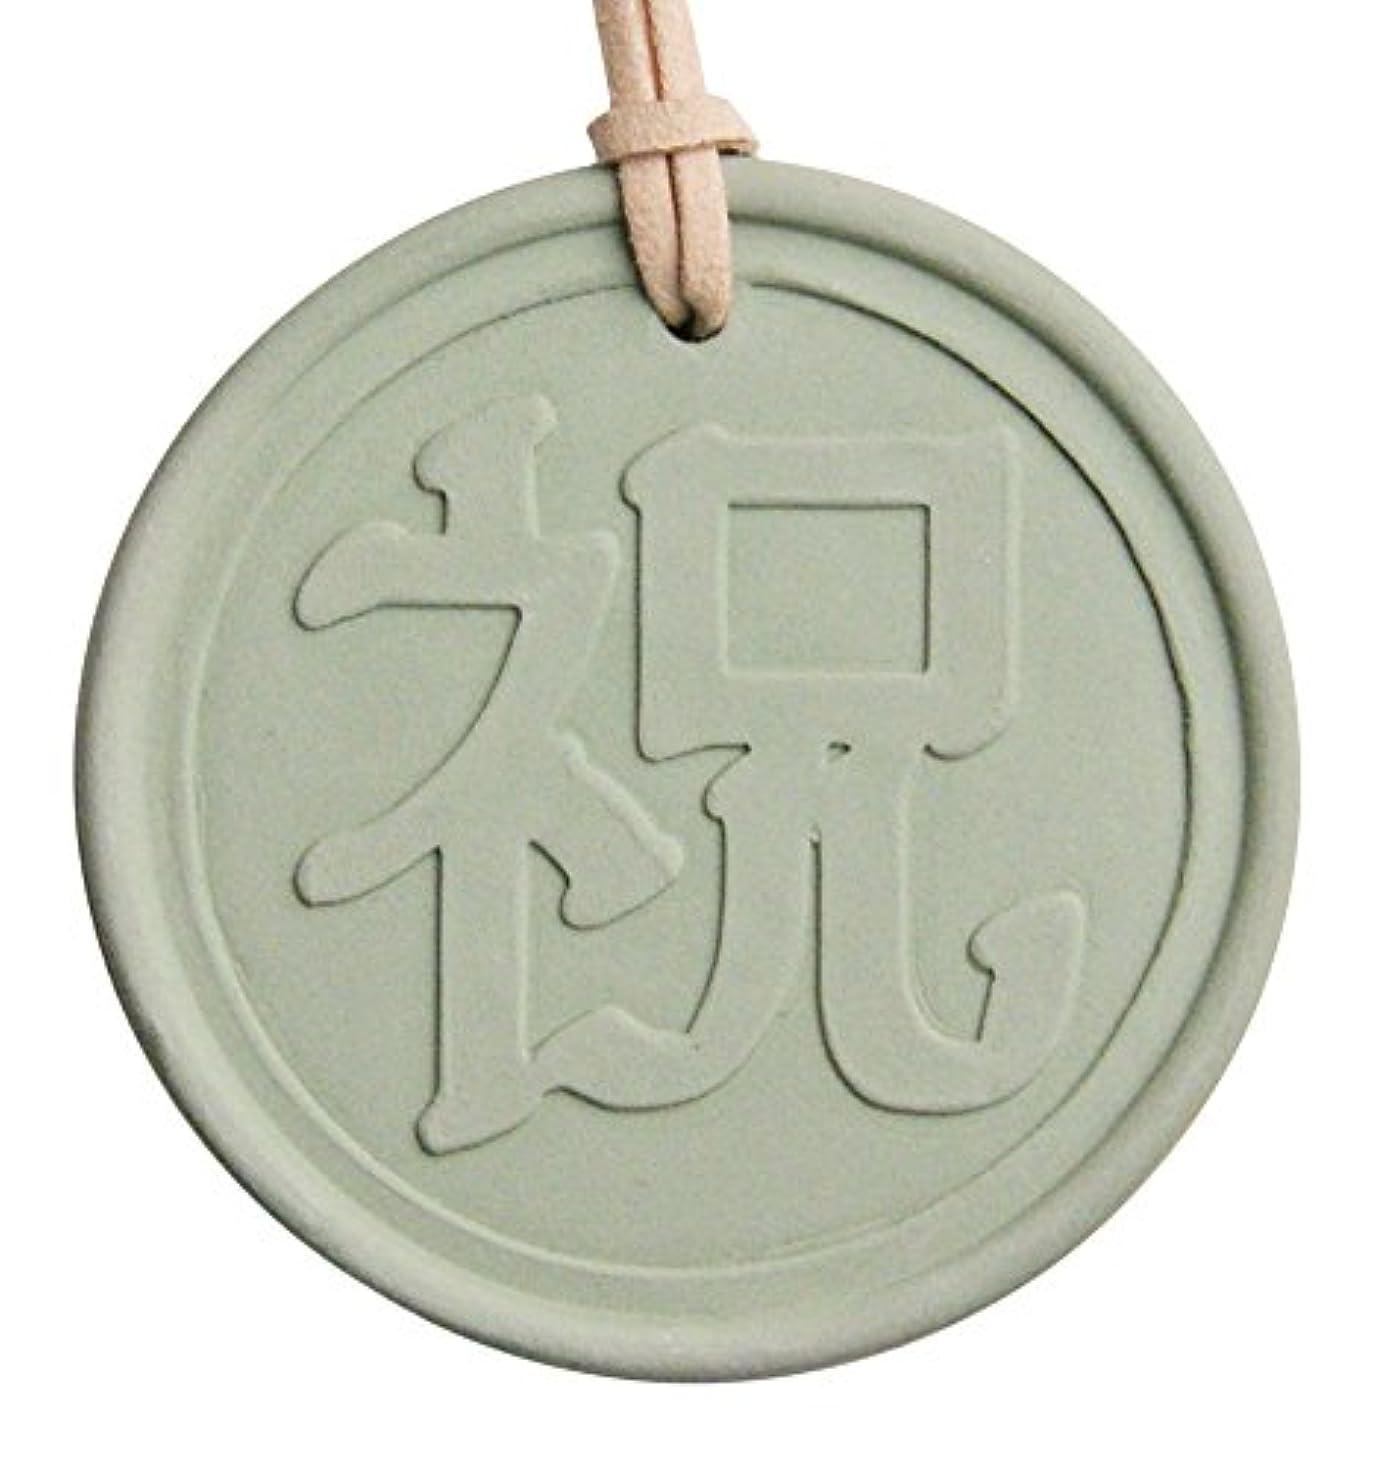 したい不純谷KAVAアロマプレート&アロマオイルセット (アロマプレート:祝 緑、アロマオイル:沖縄シークヮーサーの香り 5ml)